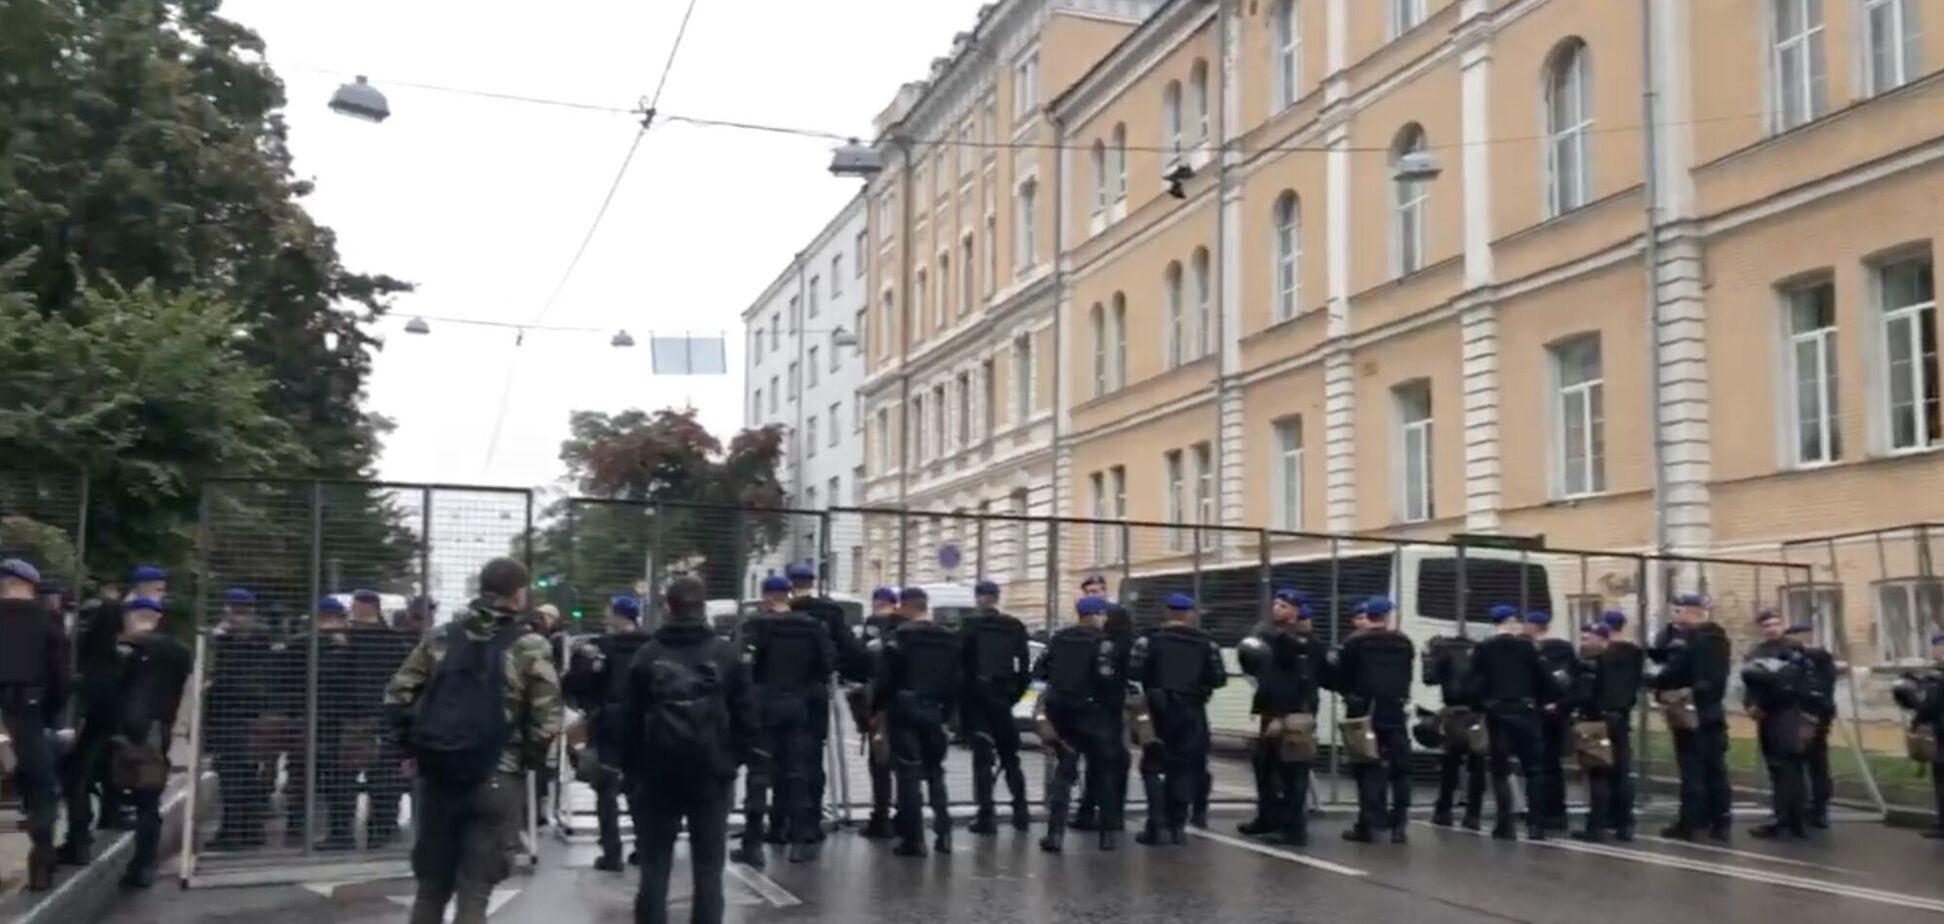 В Киеве проходит ЛГБТ-марш, полиция усилила меры безопасности